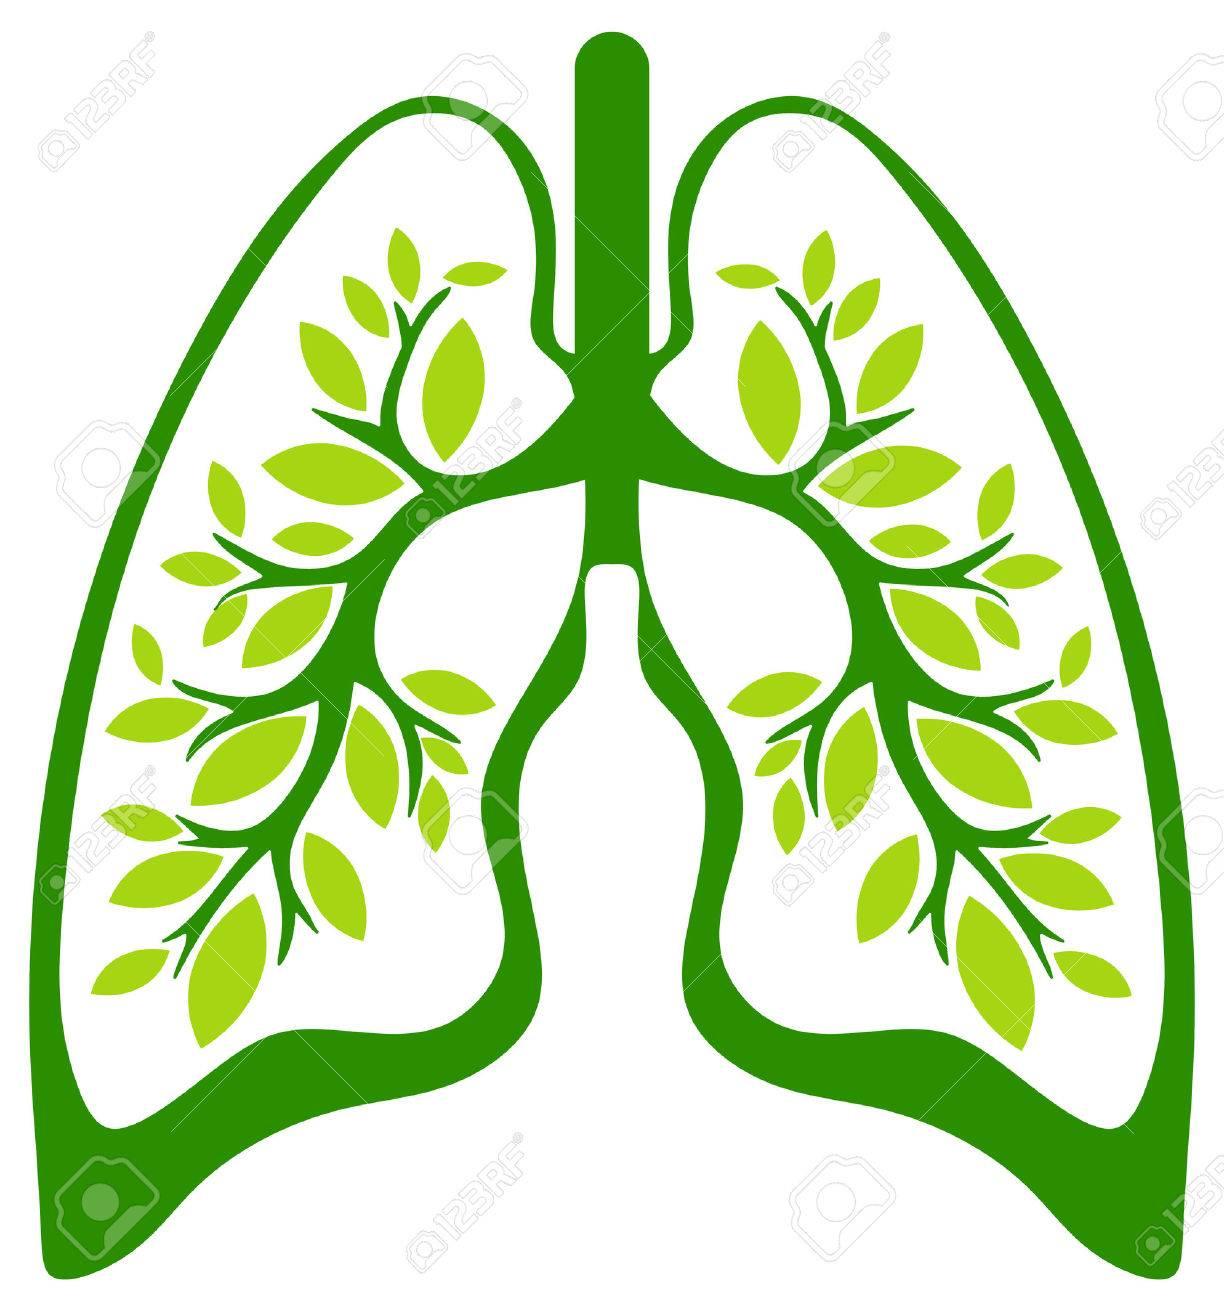 Asociación de imágenes  - Página 18 27048187-el-pulm%C3%B3n-verde